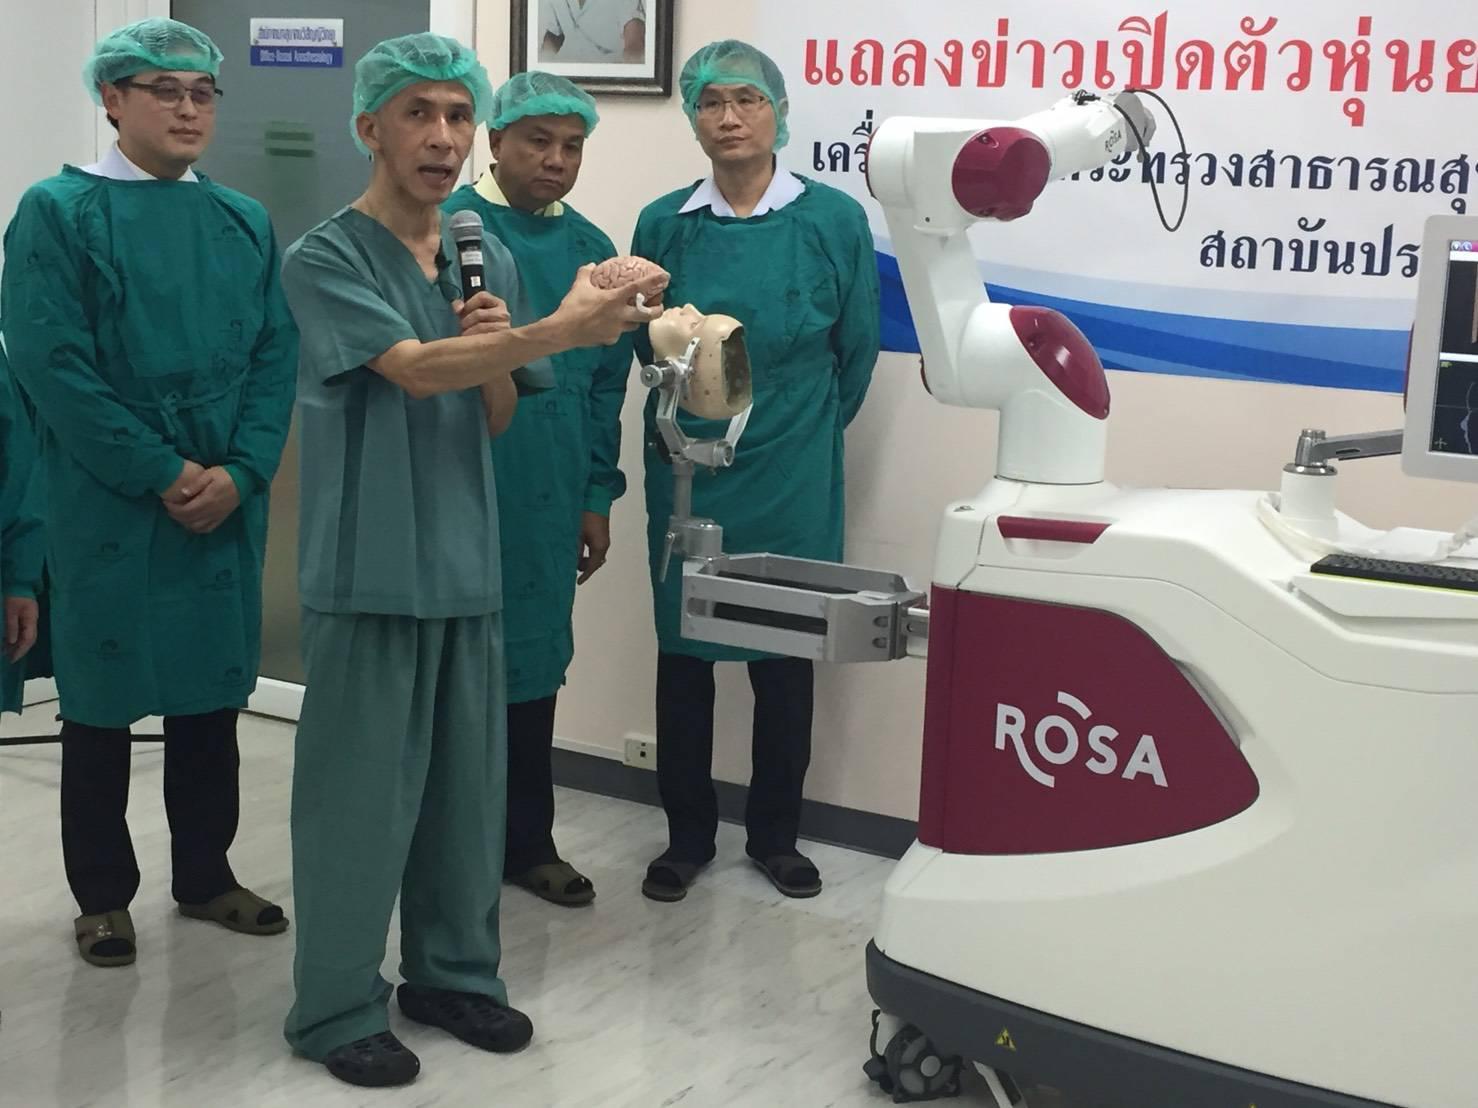 เปิดตัวหุ่นยนต์ช่วยผ่าตัดผู้ป่วย 'ลมชัก' เครื่องแรกในไทย